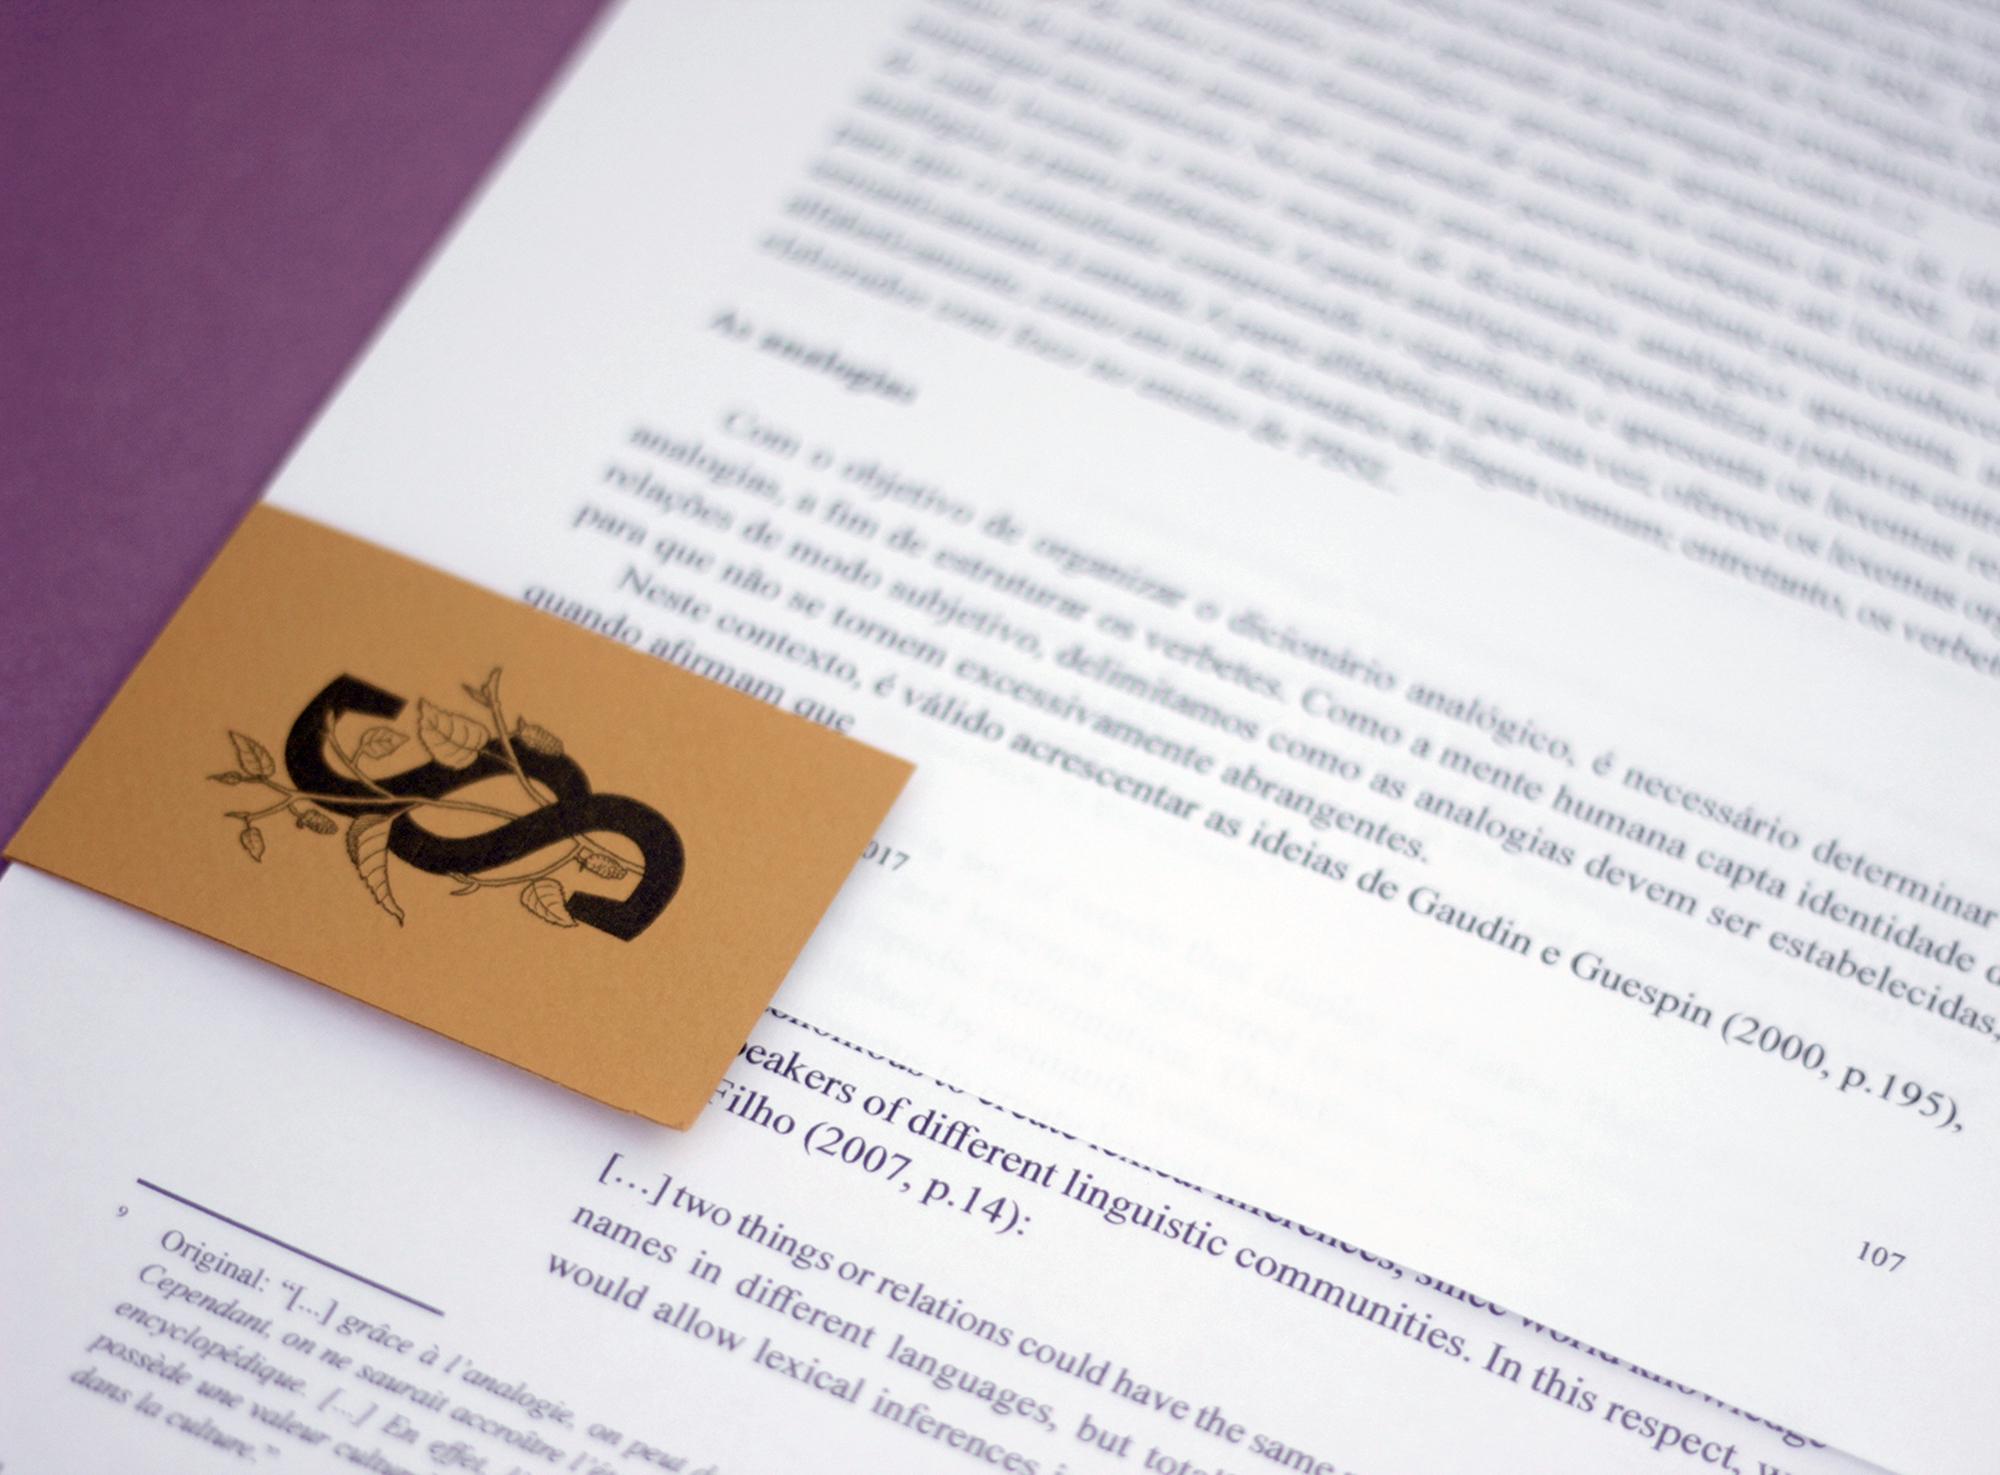 Artigo científico, tradução, revisão, Amora Consultoria Linguística.